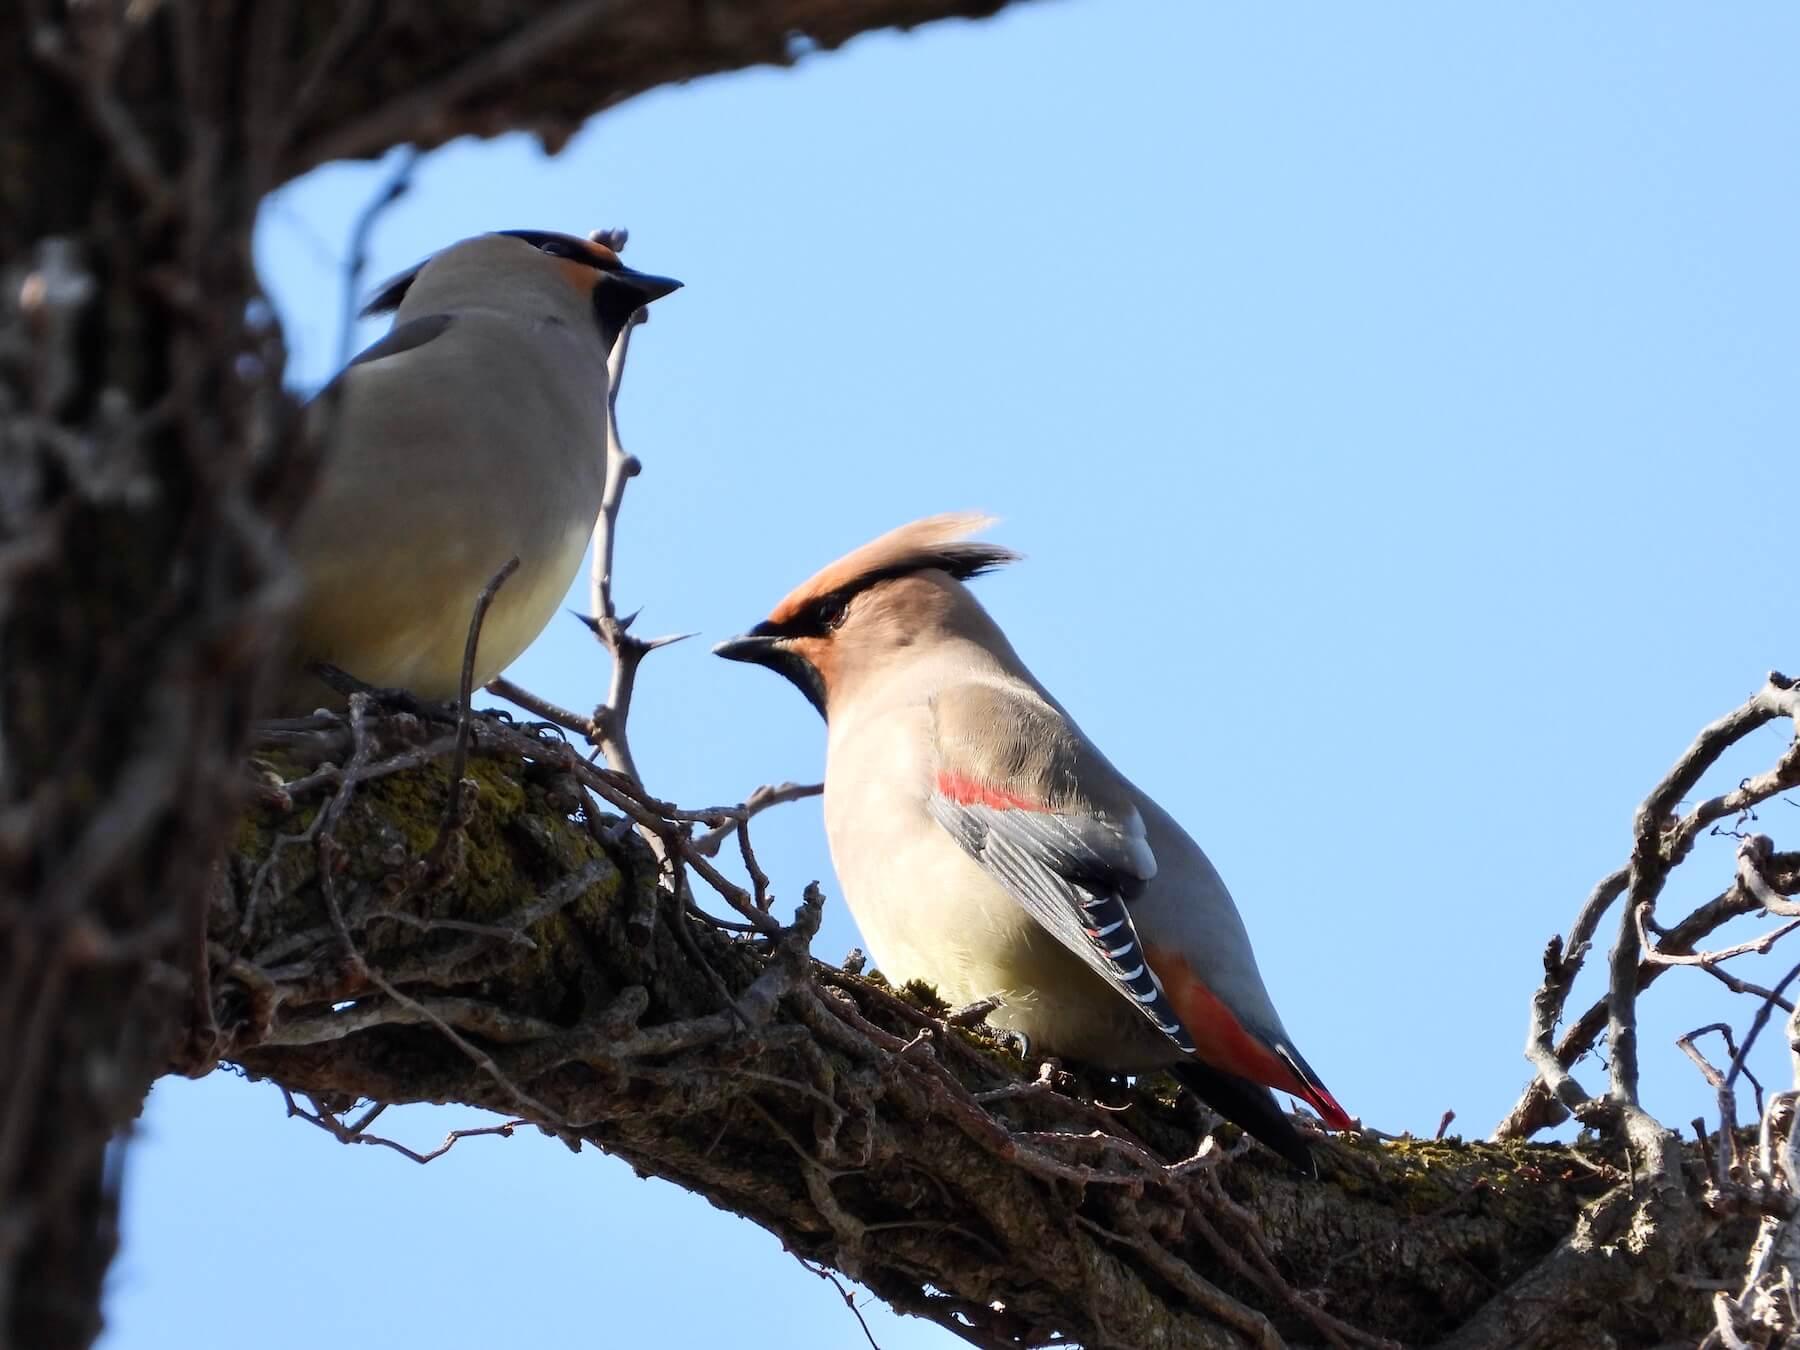 ヒレンジャクとキレンジャク〜蝋(ろう)物質を作る美しい渡り鳥